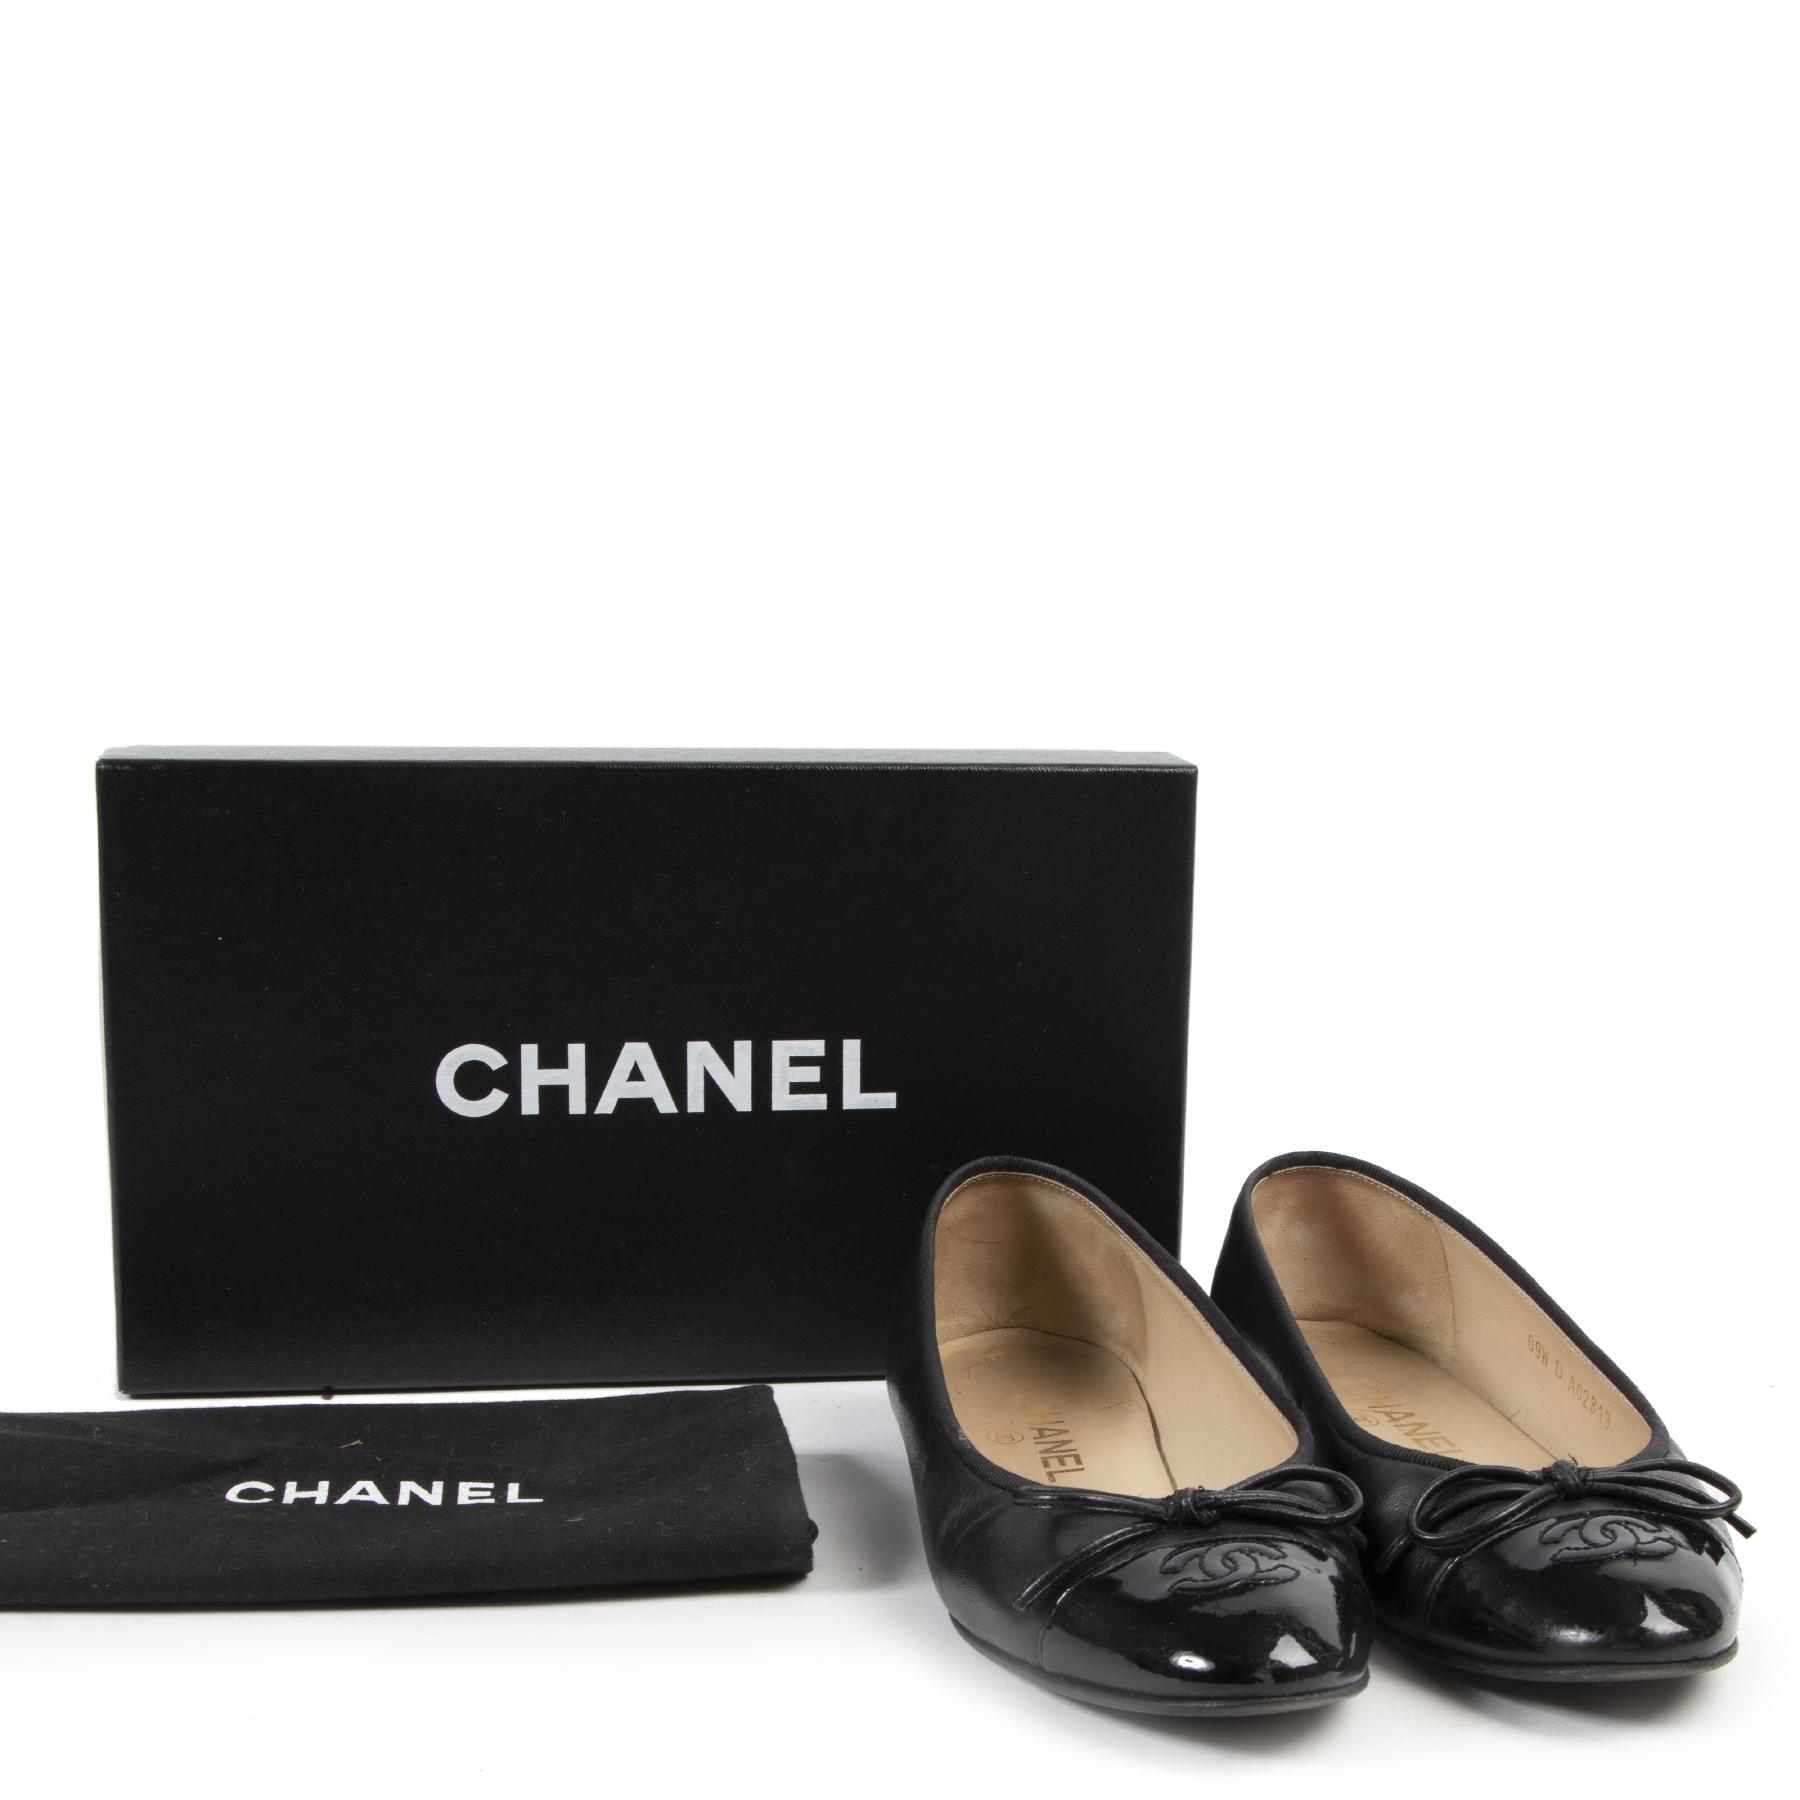 Chanel Black Leather Ballerina Flats kopen en verkopen aan de beste prijs